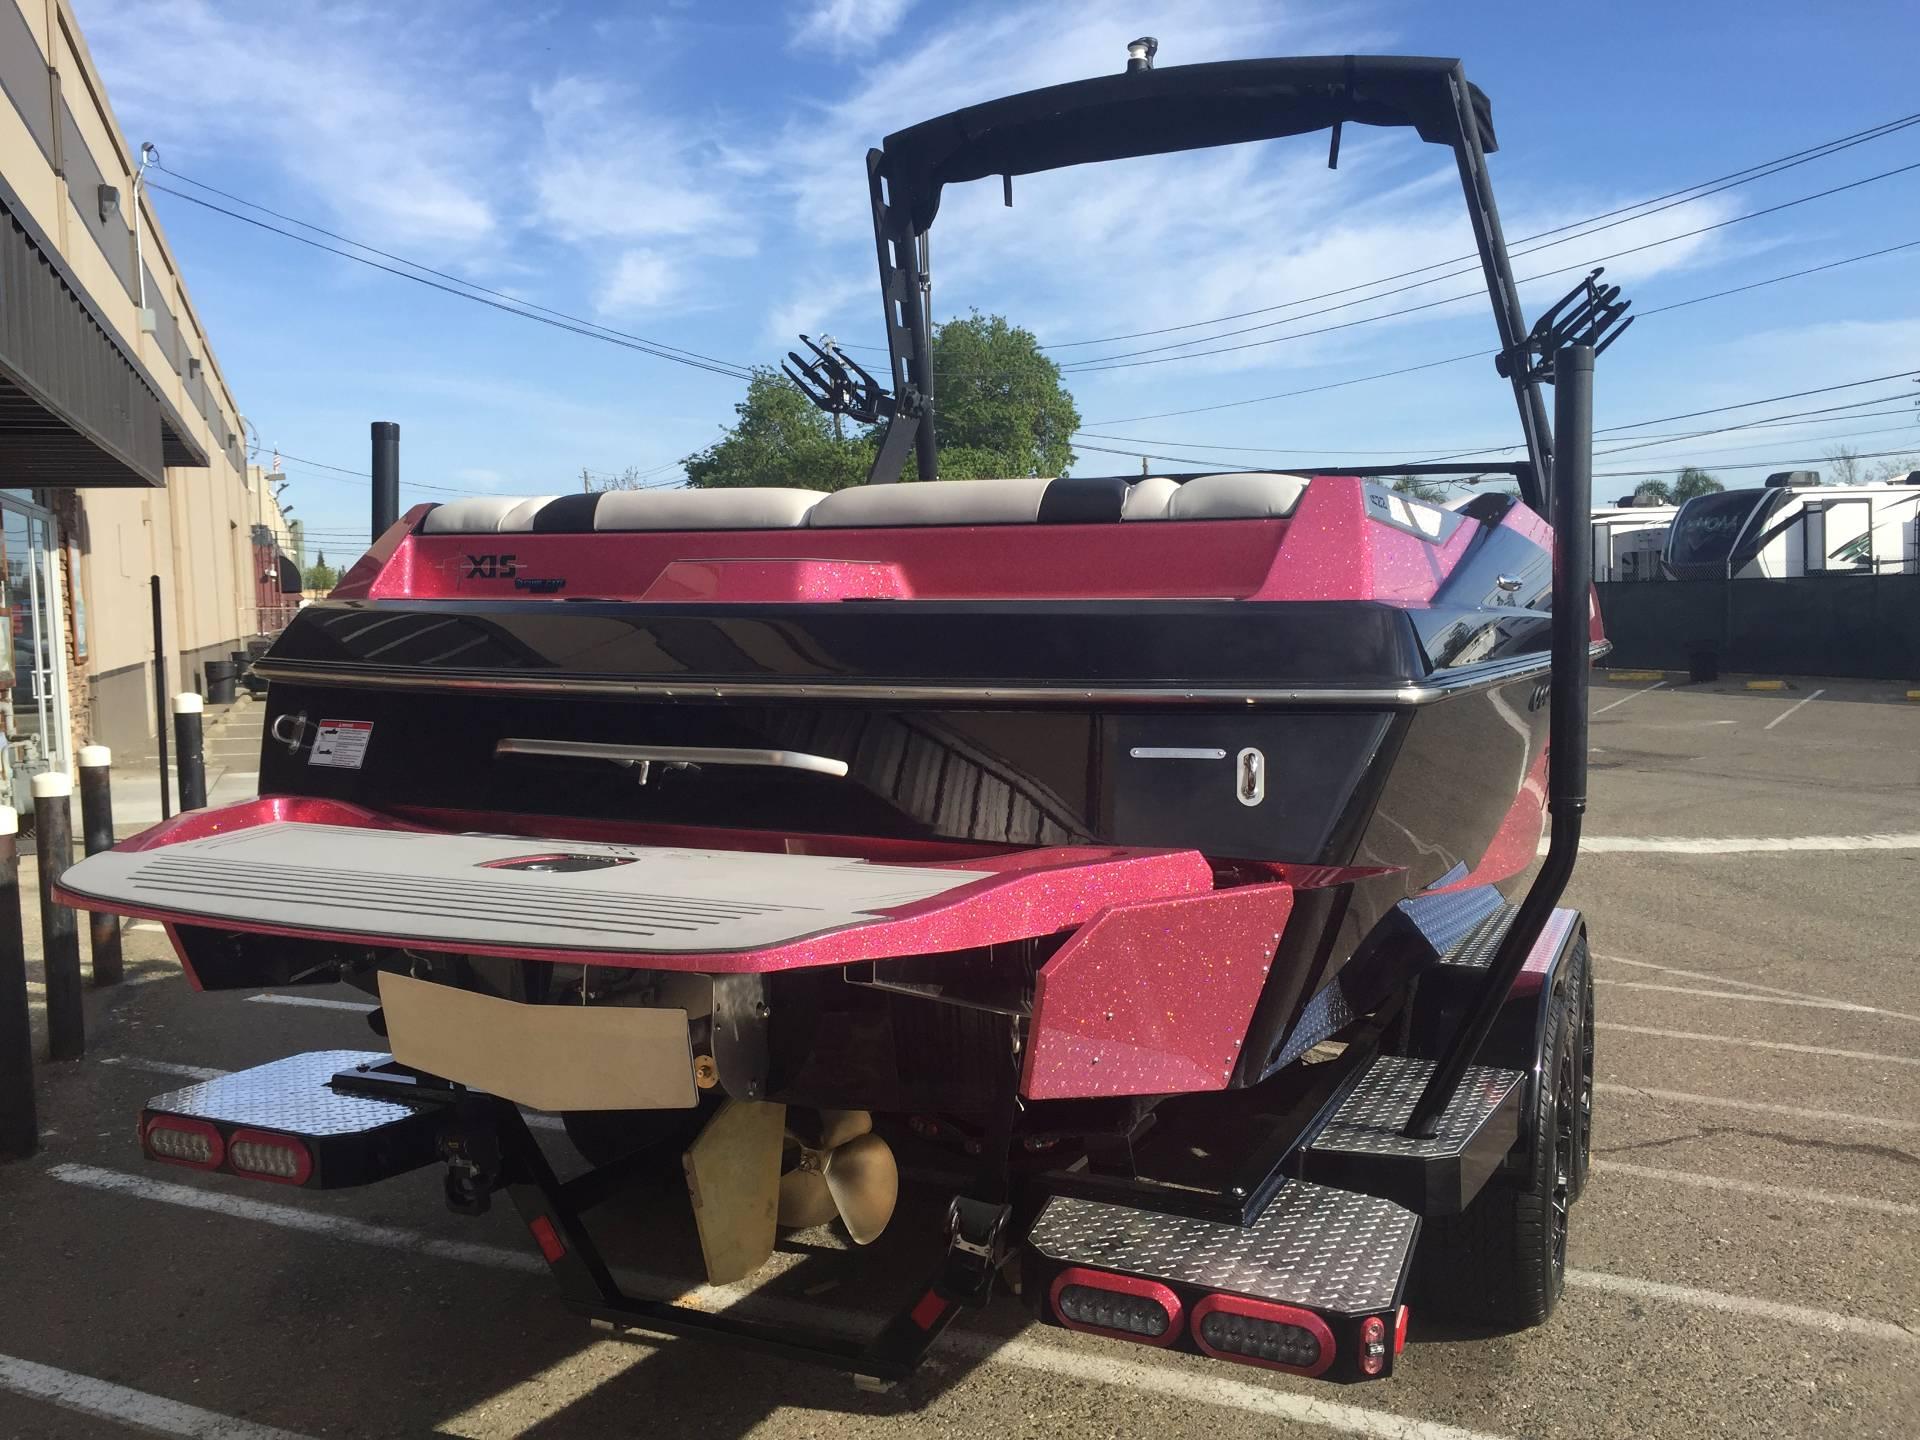 2017 Axis A22 in Rancho Cordova, California